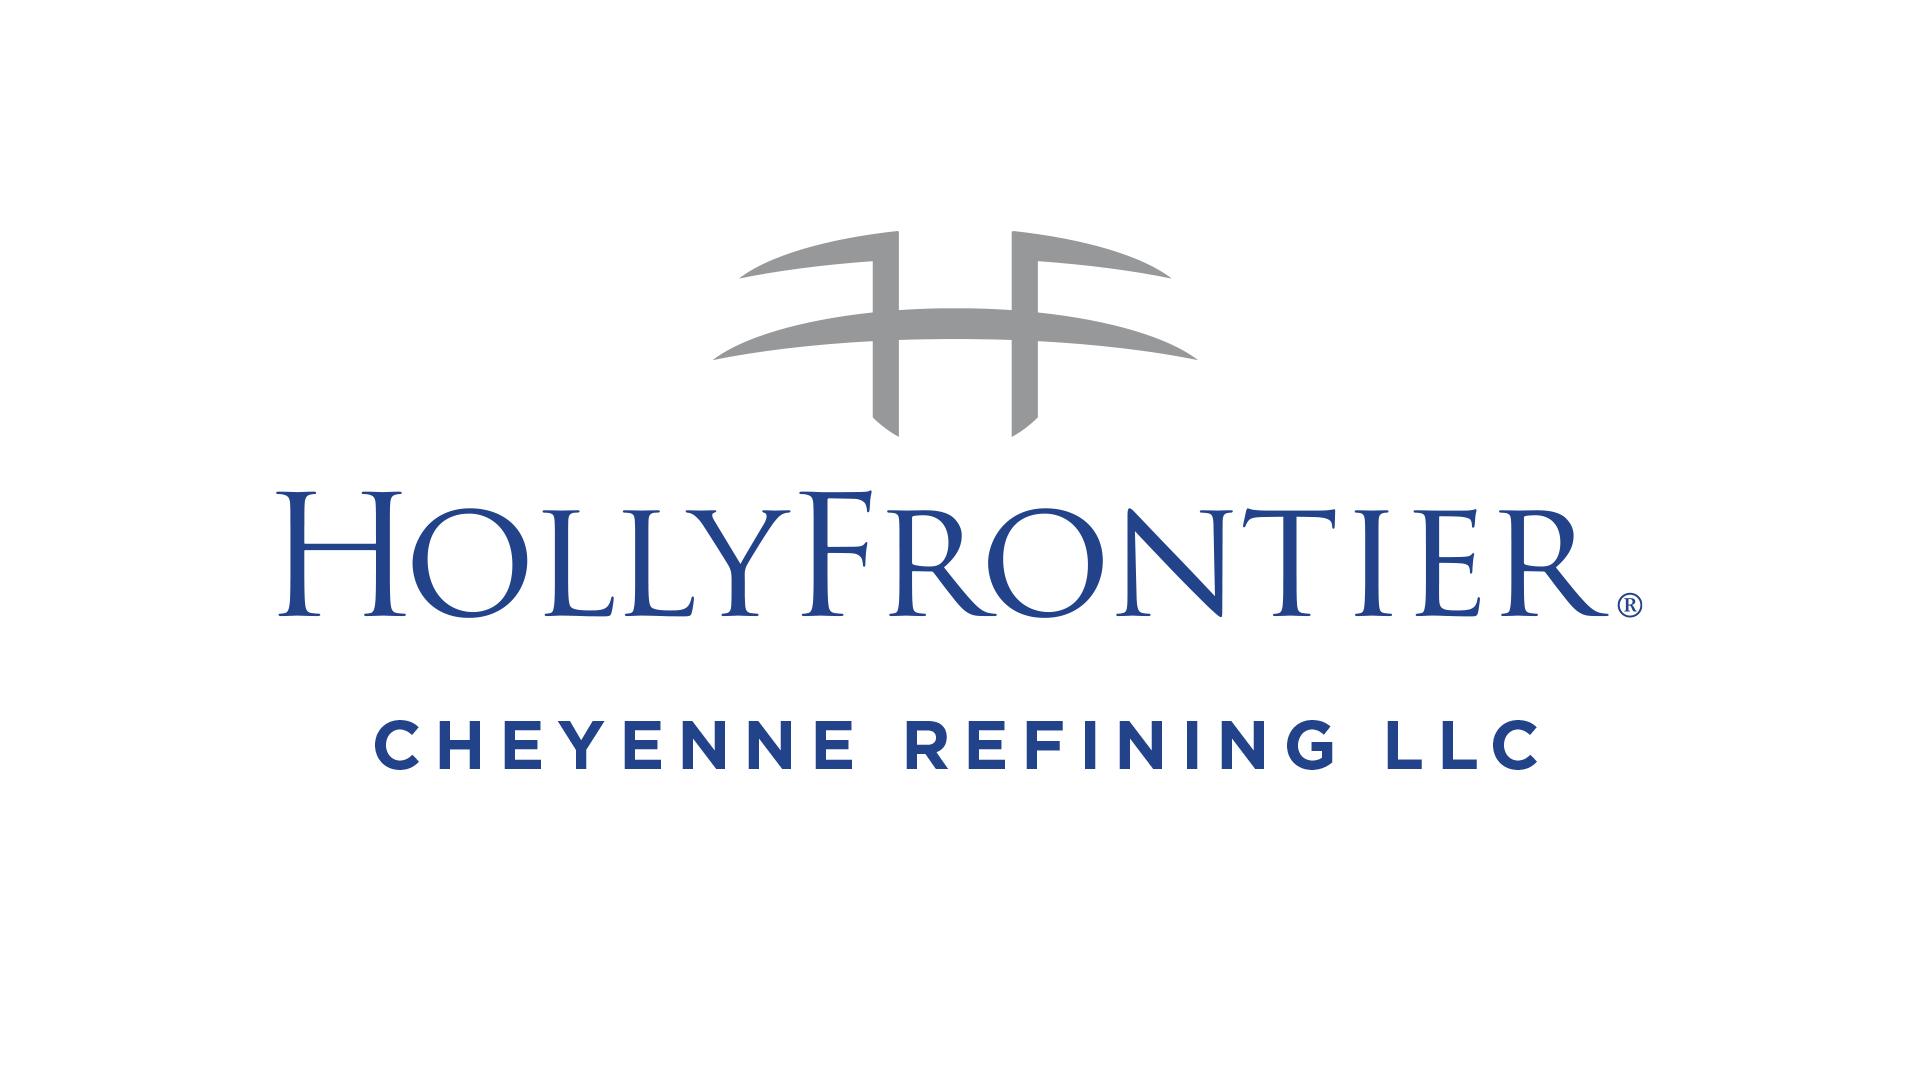 HollyFrontier Cheyenne Refining, LLC